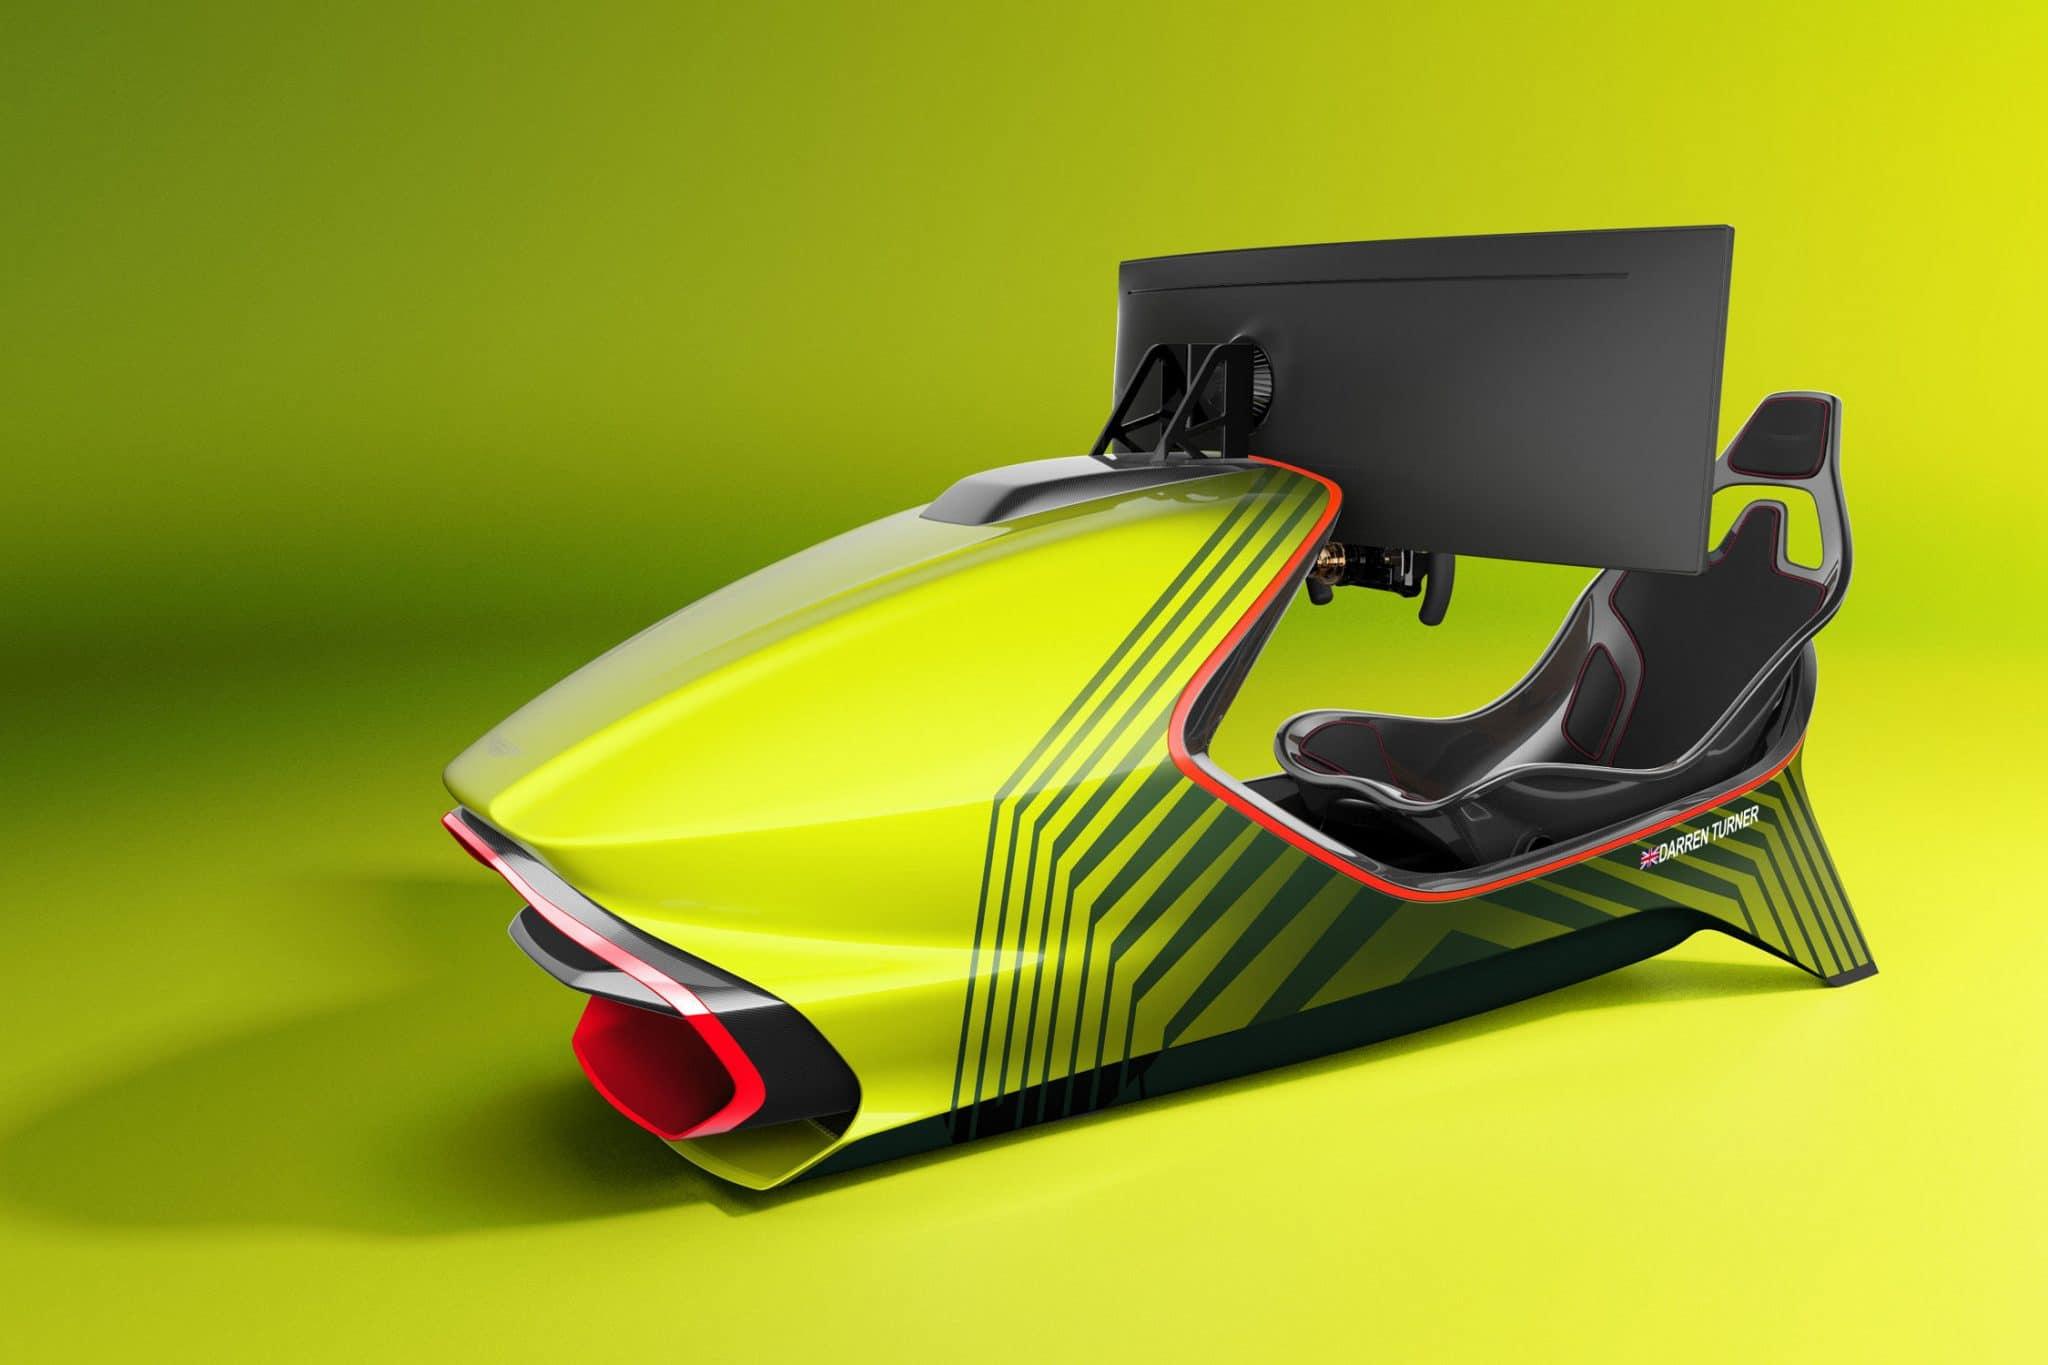 simulateur AMR-C01 créé par Aston Martin